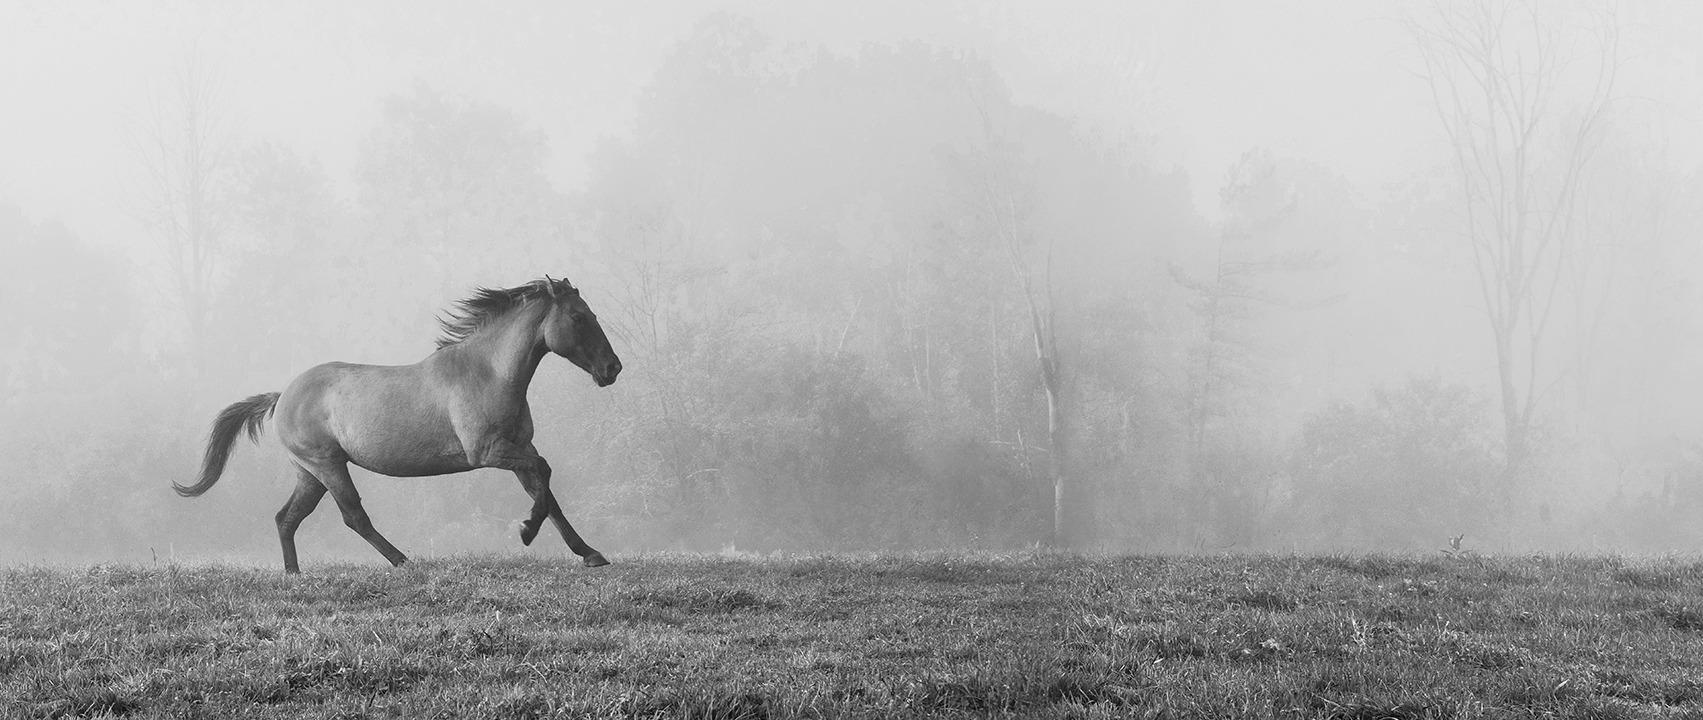 Sandra Kaplan  - Horse in Fog